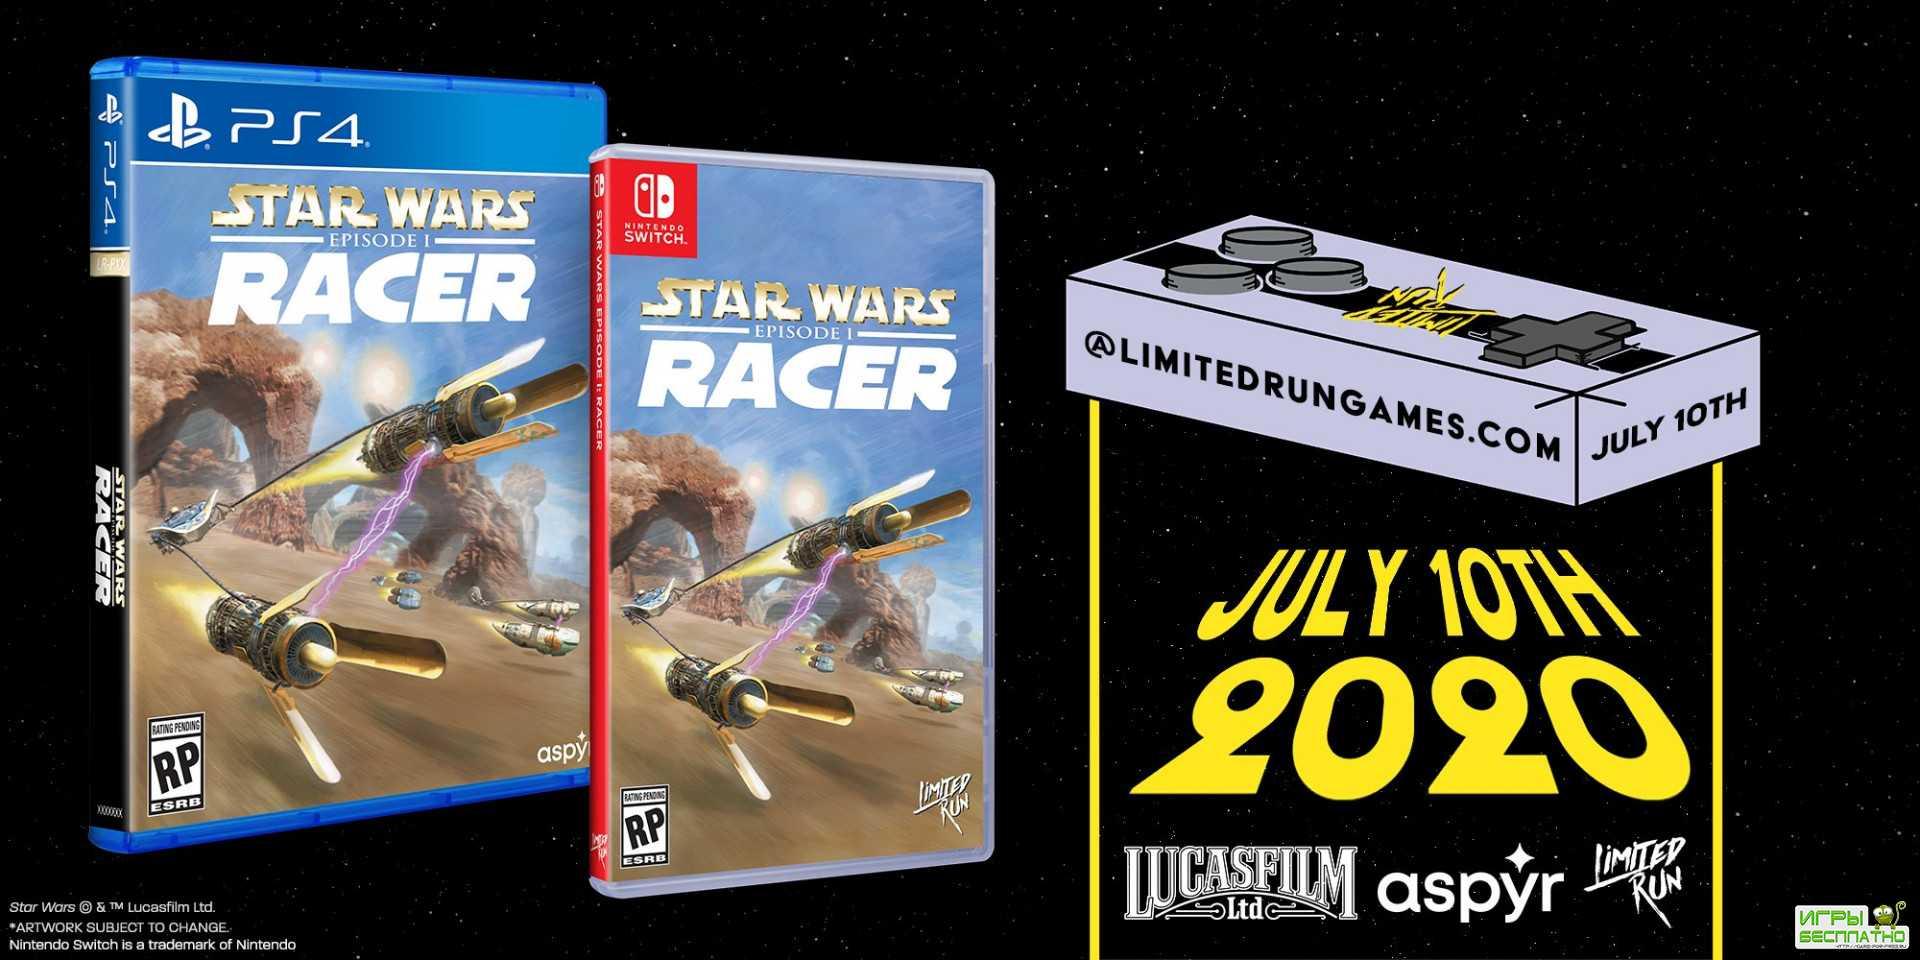 Star Wars Episode I: Racer получит ограниченное физическое издание для Swit ...